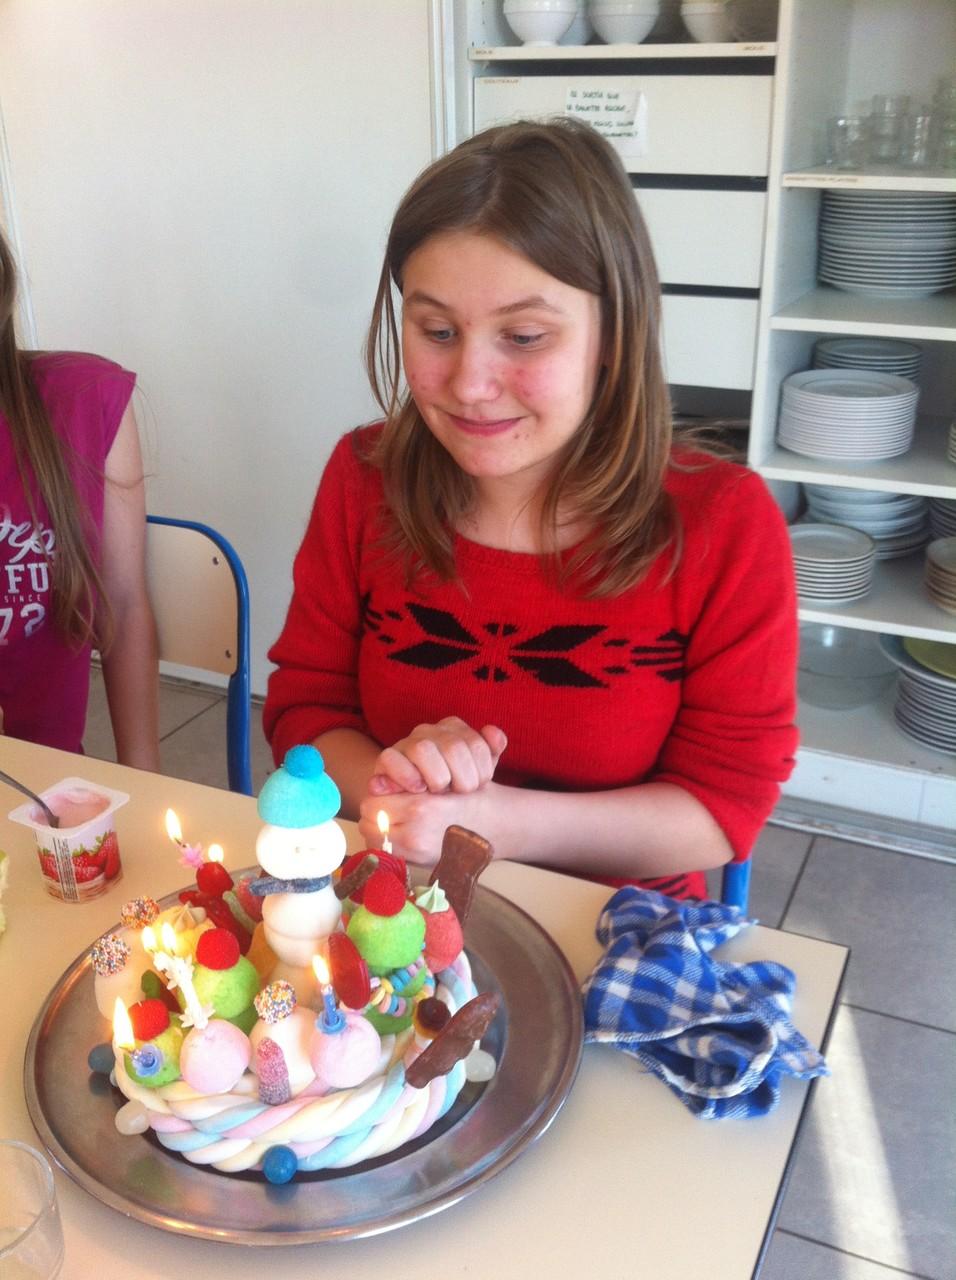 Adriane et son gâteau-bonbon à soufflé ses bougies comme il se doit avant que nous nous partagions les bonbons (les adultes n'étant pas en reste bien sûr !)